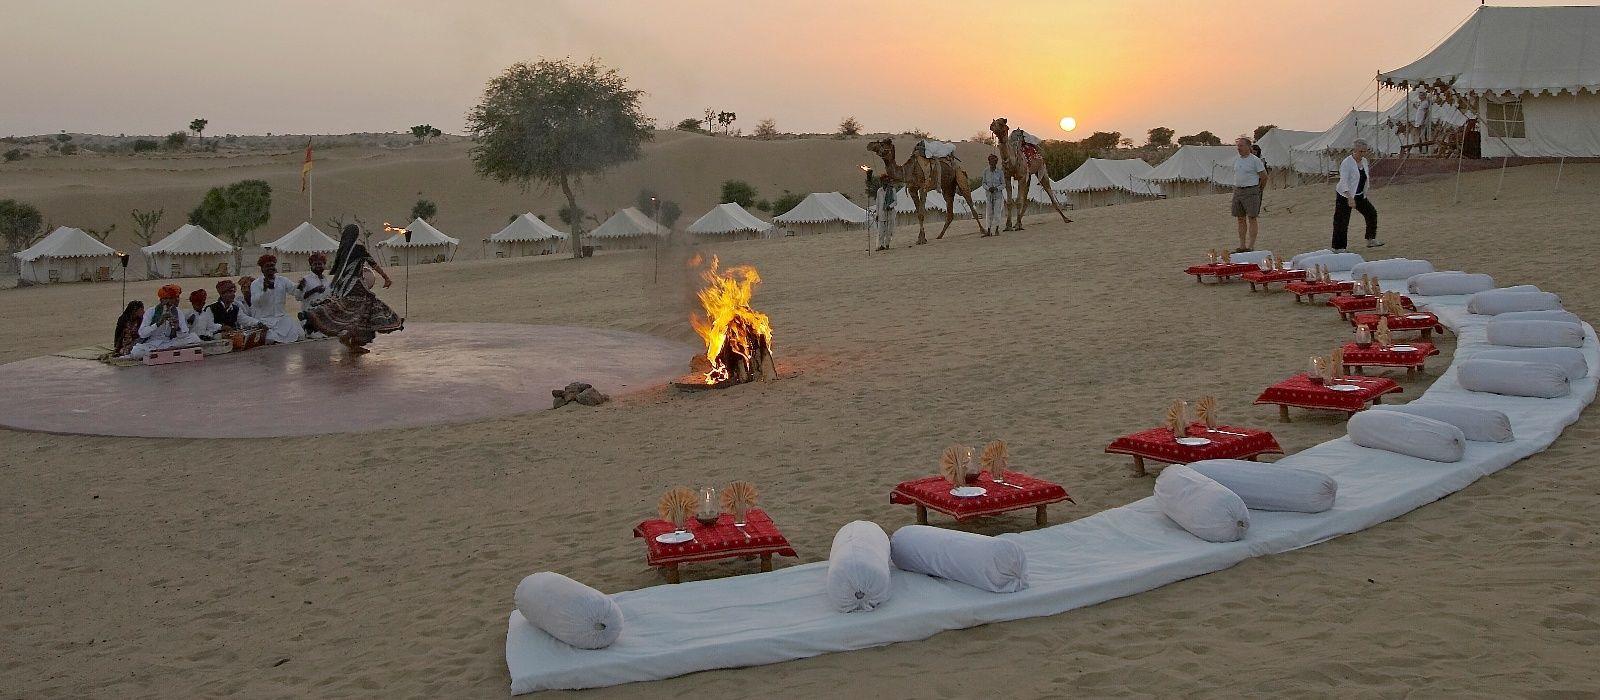 Rajasthan Rundreise: Geheimnisvolle Wüste, Paläste & Seen Urlaub 2